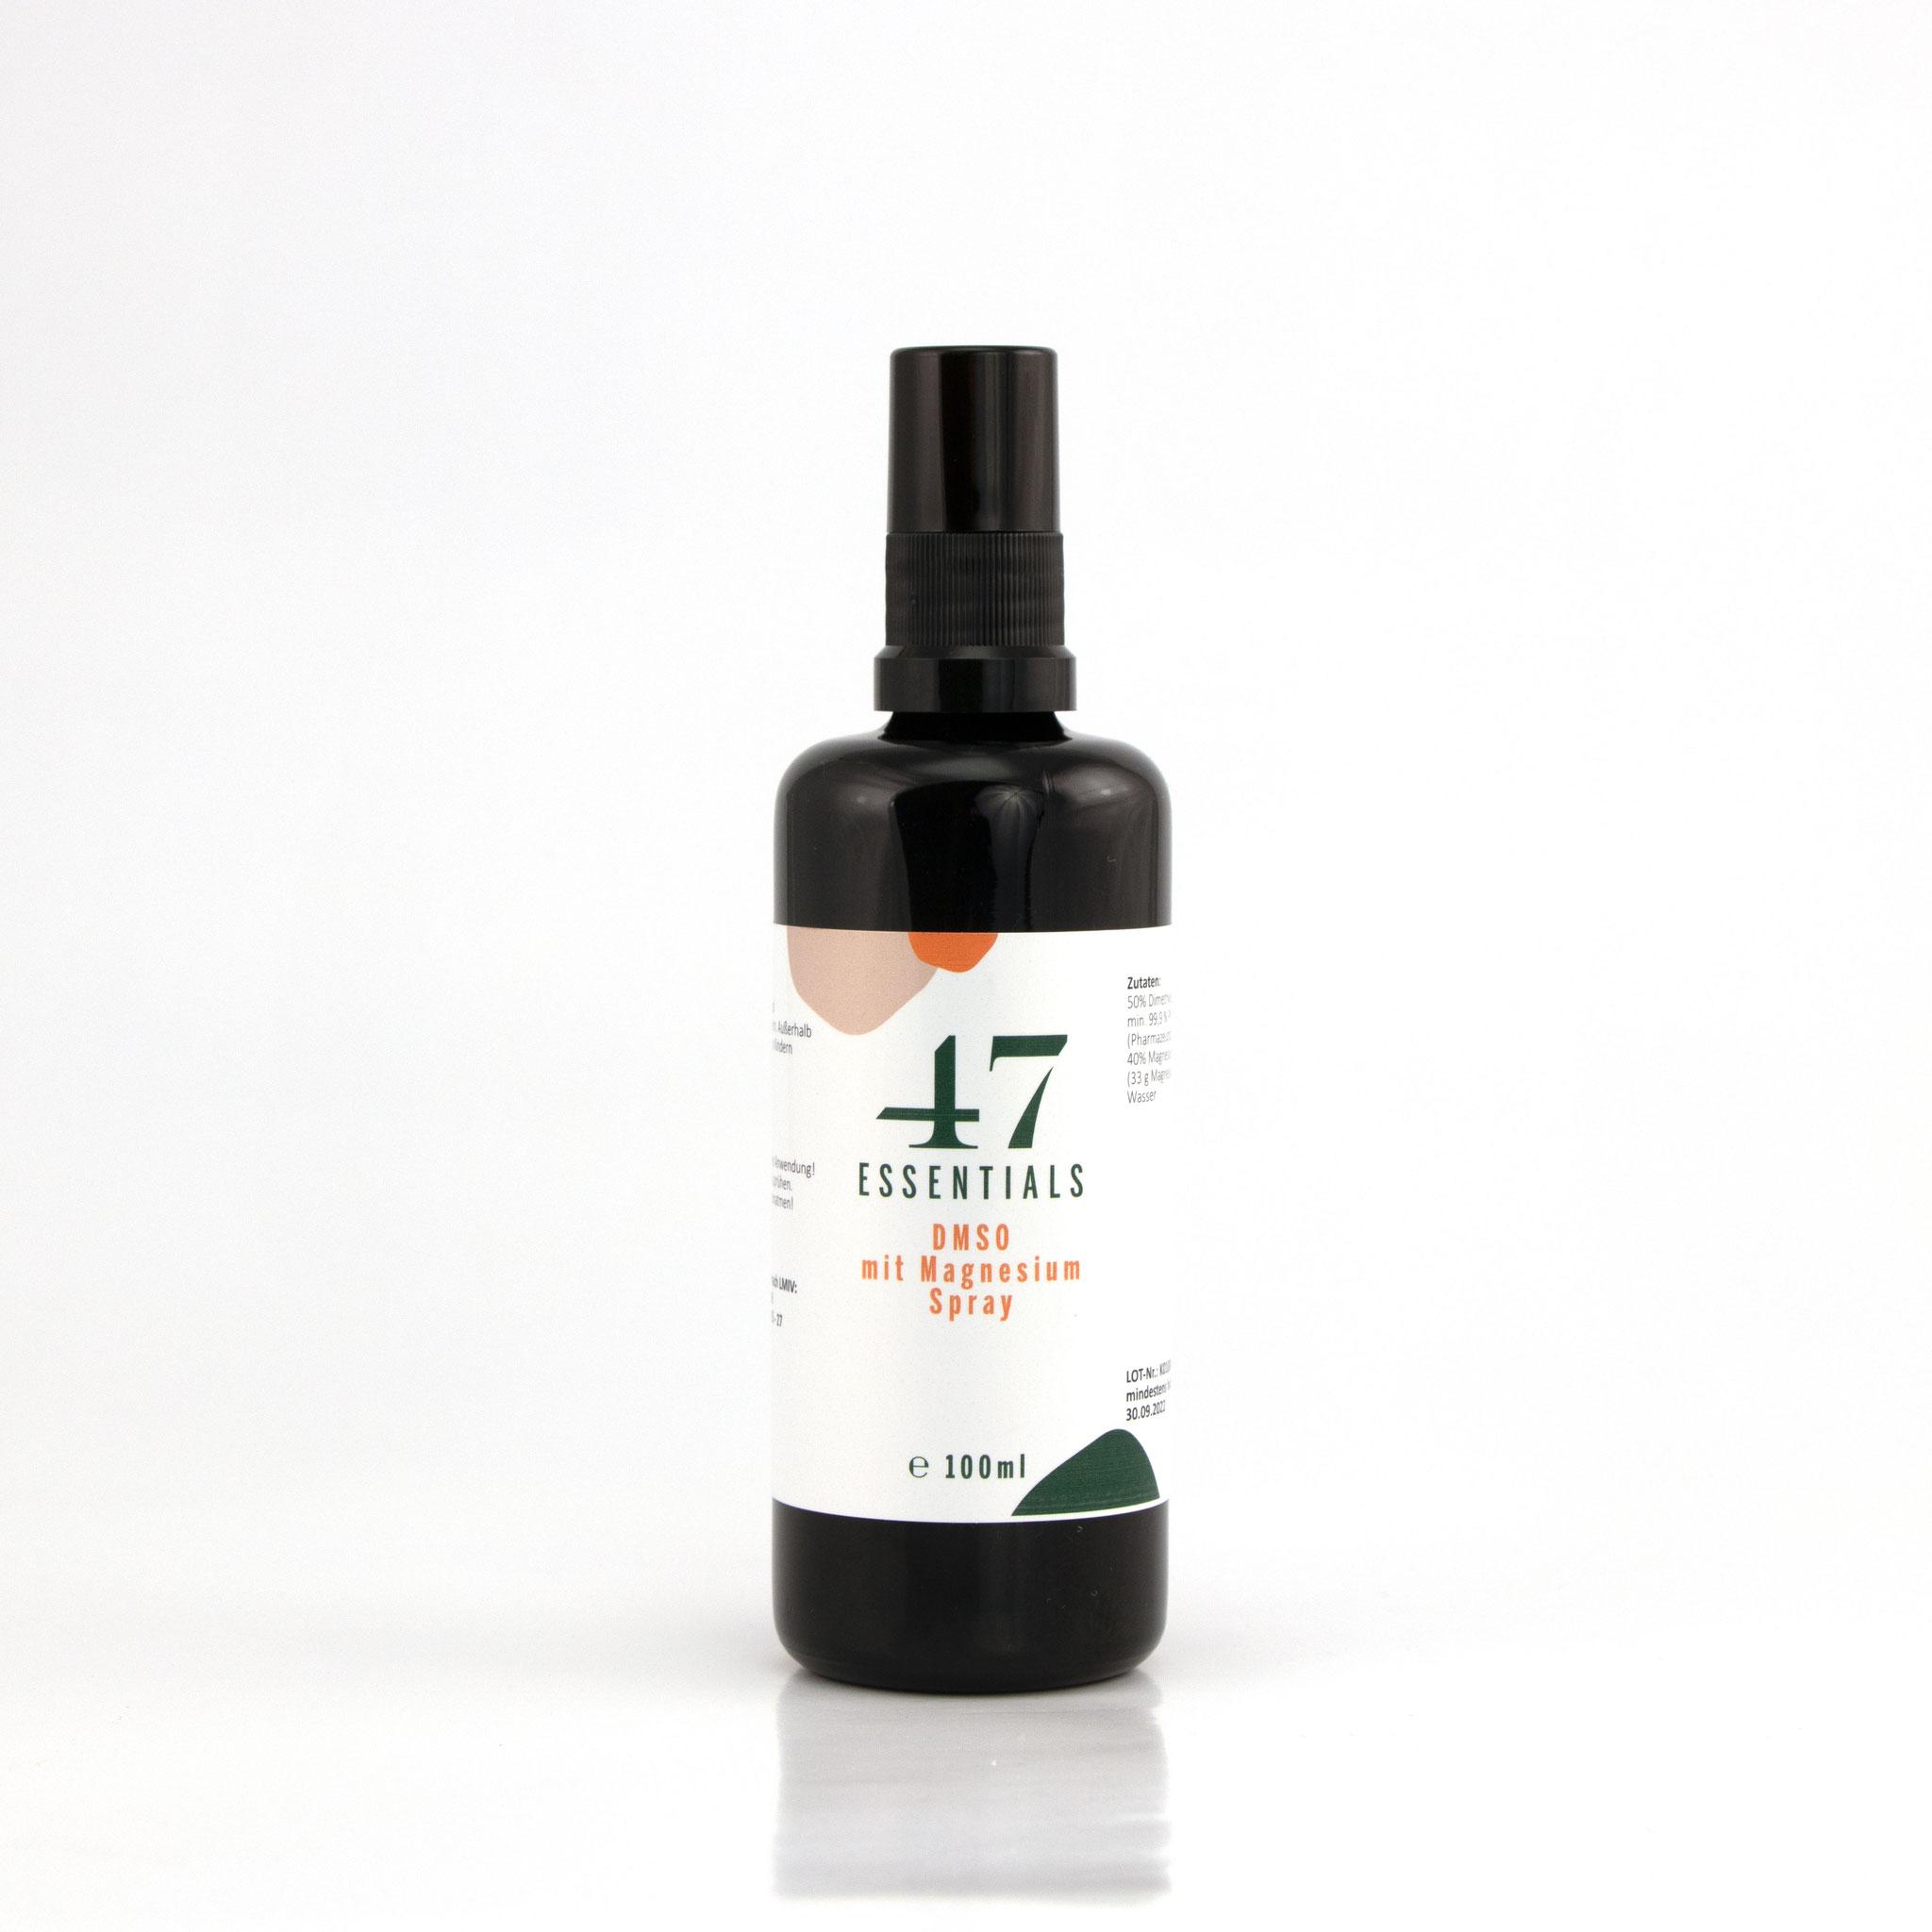 DMSO mit Magnesium Spray 100ml (Locker und entspannt)     € 19,90          Klicken Sie hier um mehr über das Produkt zu erfahren